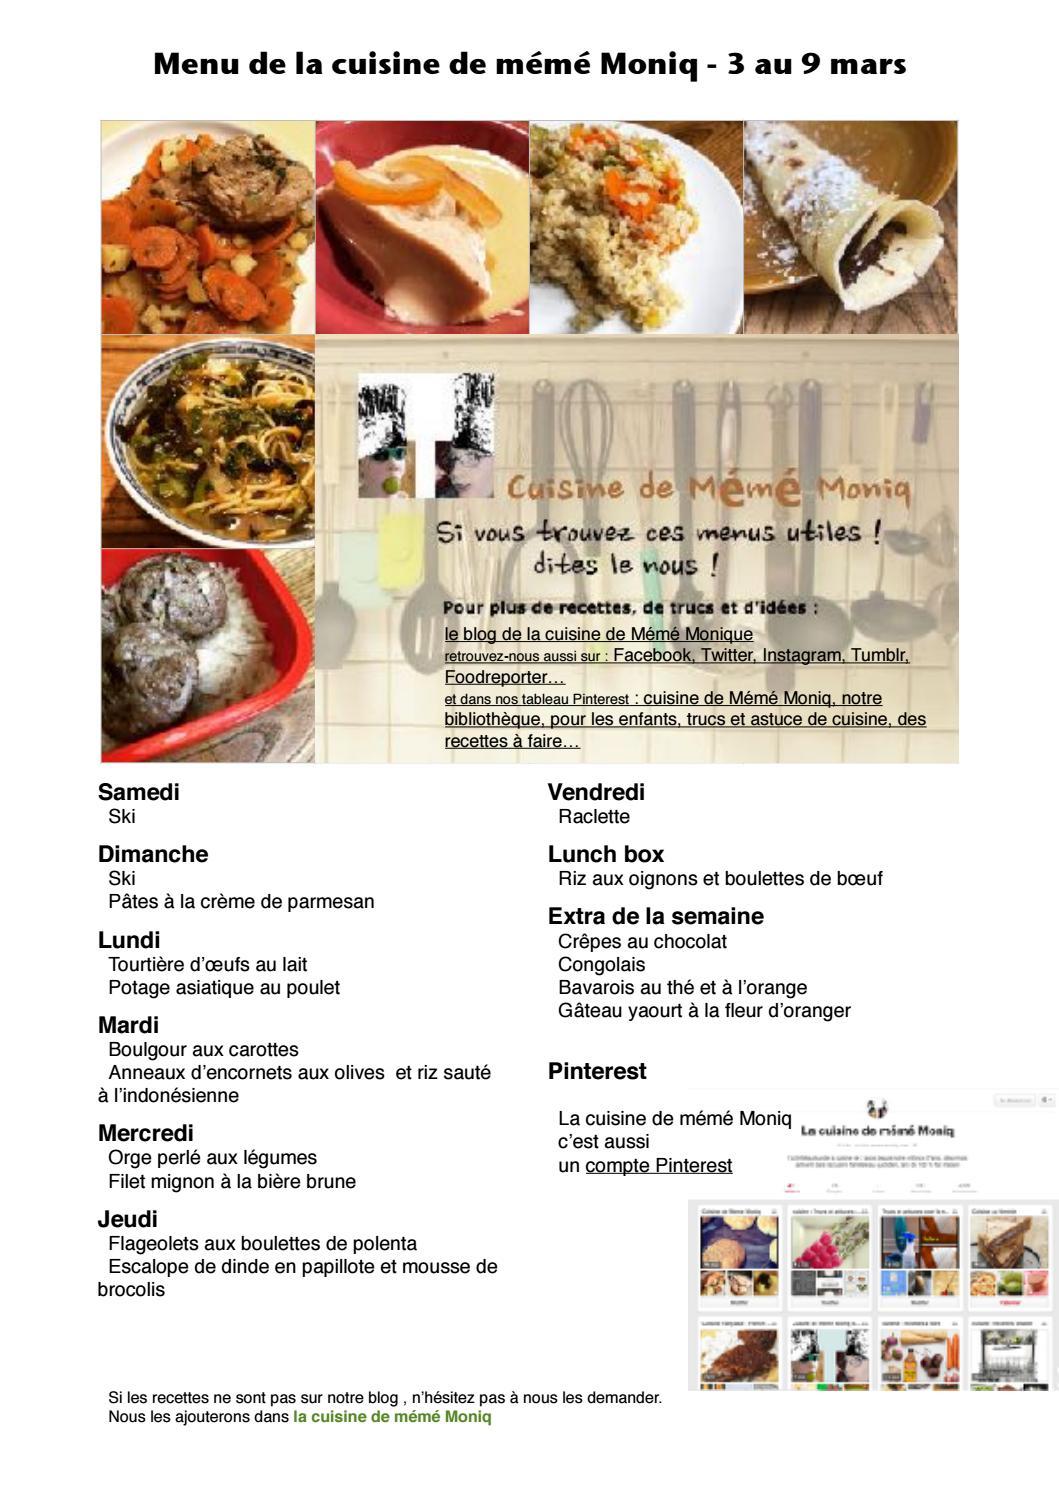 Menu De La Cuisine De Meme Moniq 3 Au 9 Mars By Cuisine De Meme